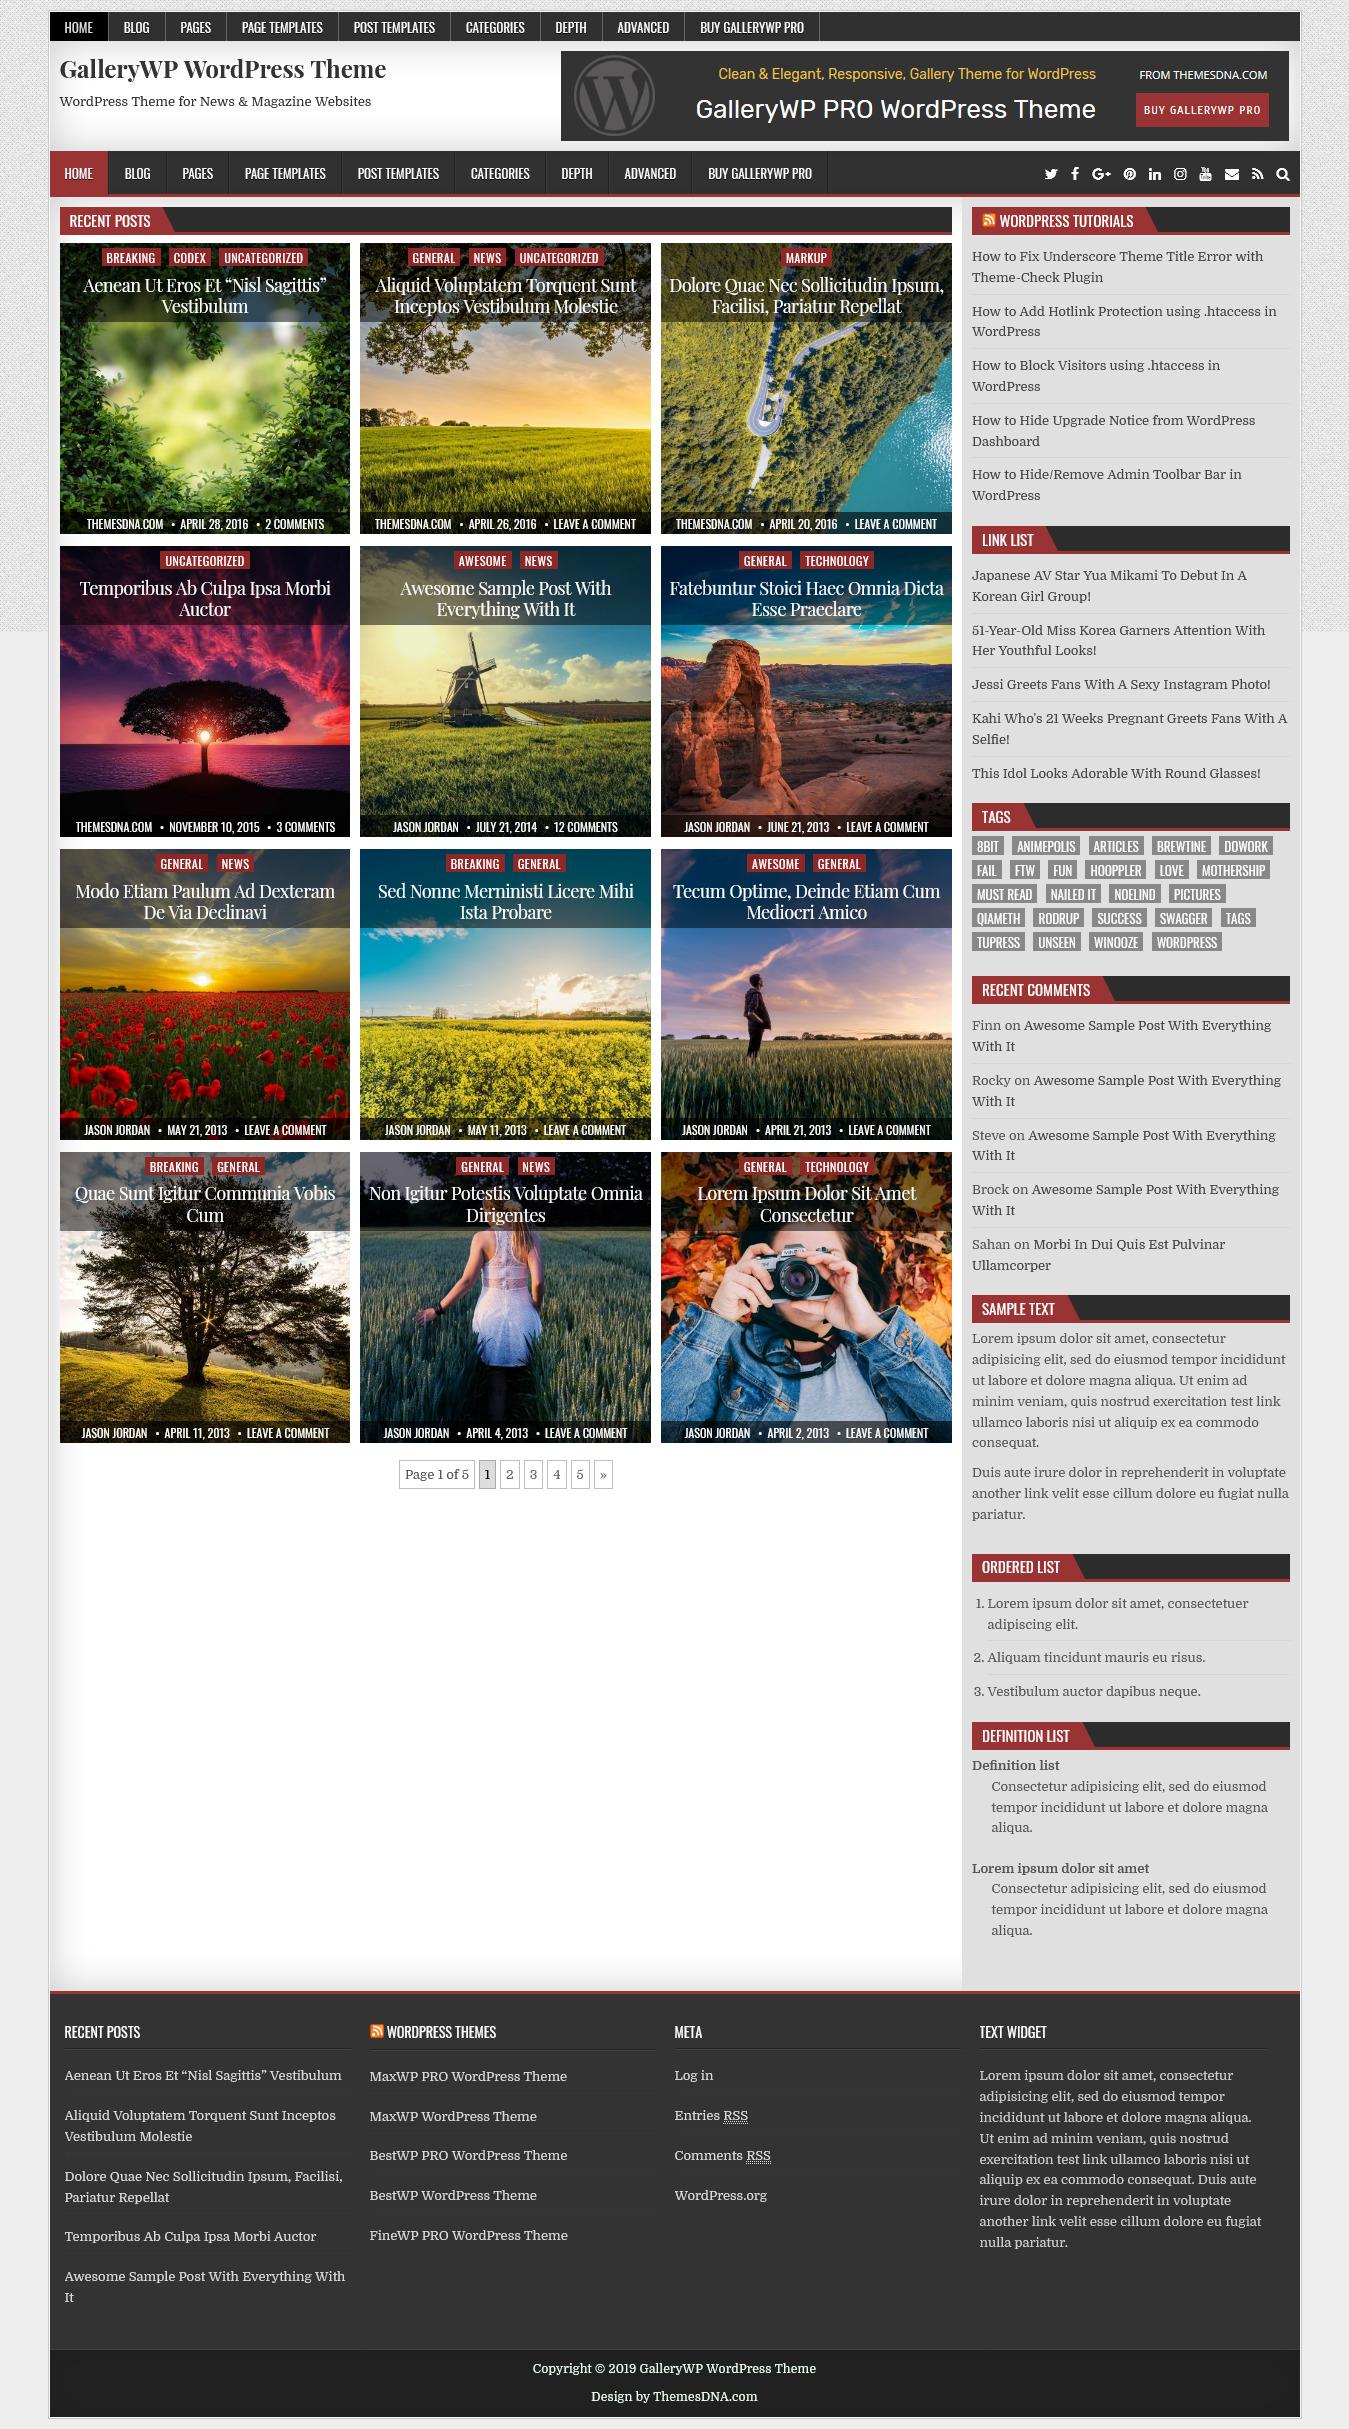 gallerywp best free gallery wordpress theme 1 - 10+ Best Free Gallery WordPress Themes